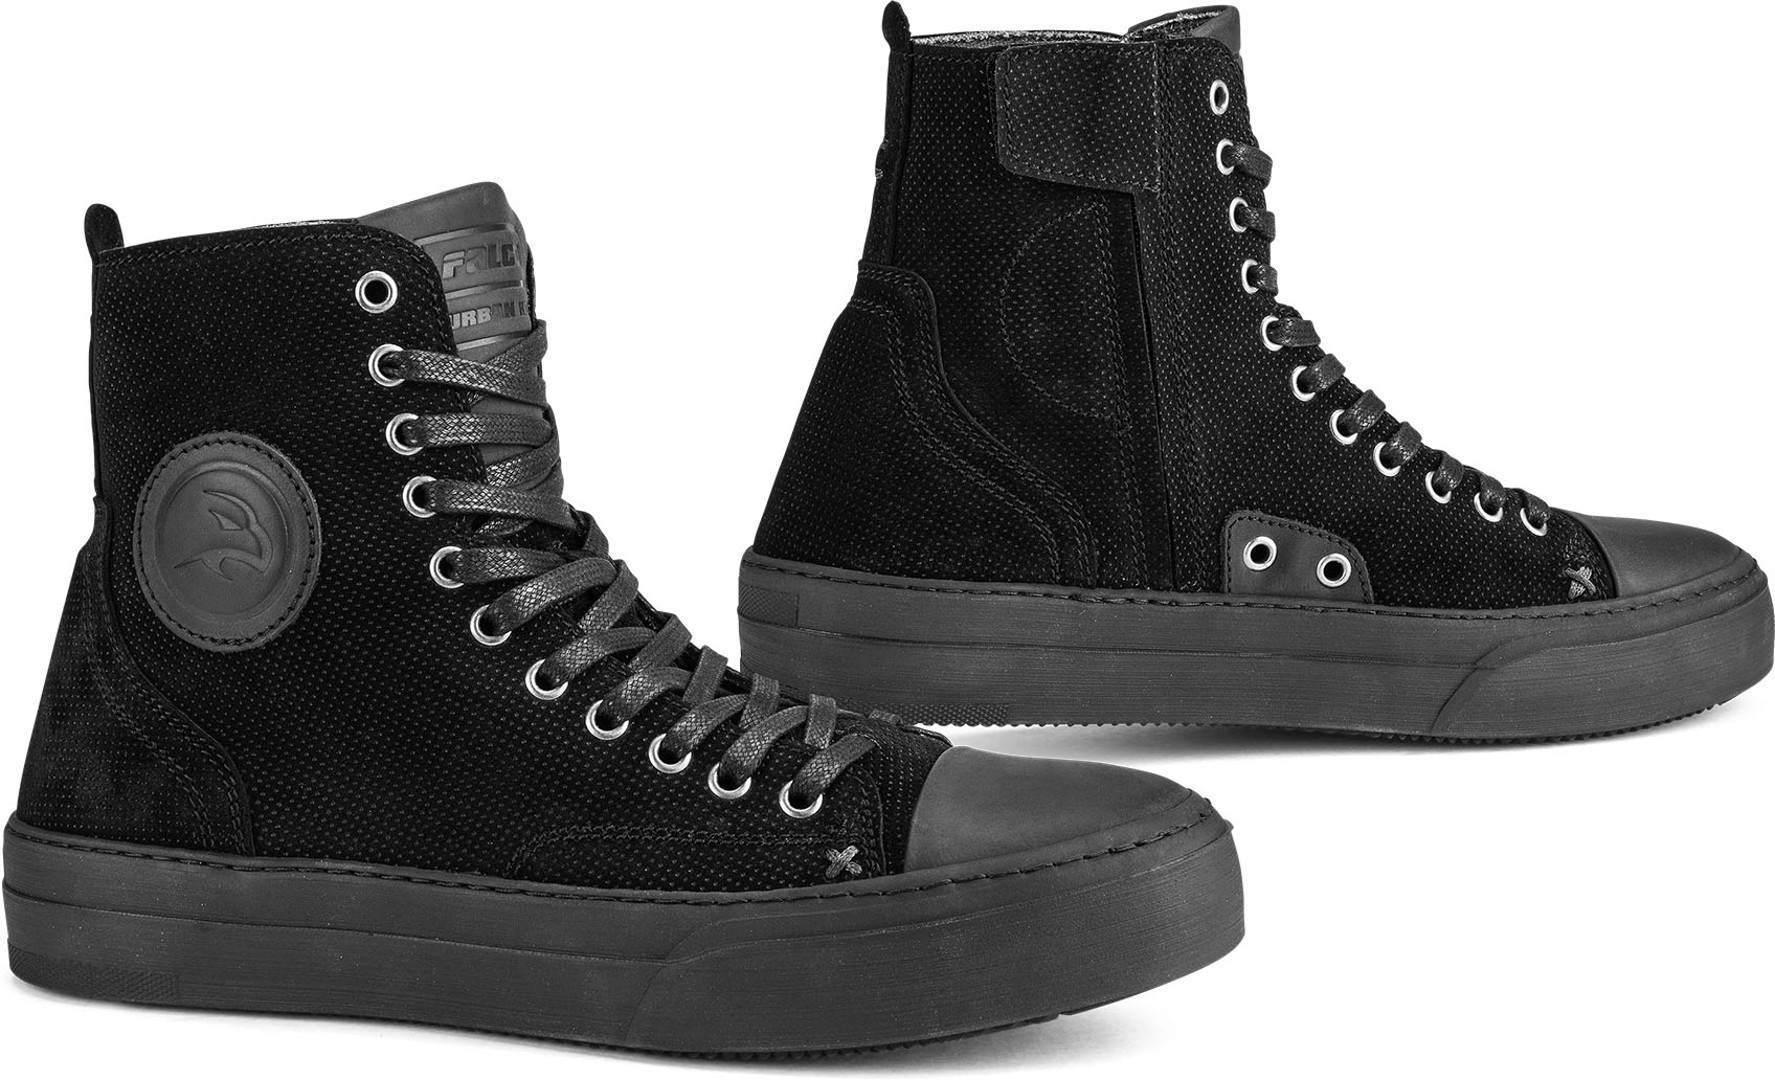 Falco Lennox Hyvät moottoripyörä kengät  - Musta - Size: 39